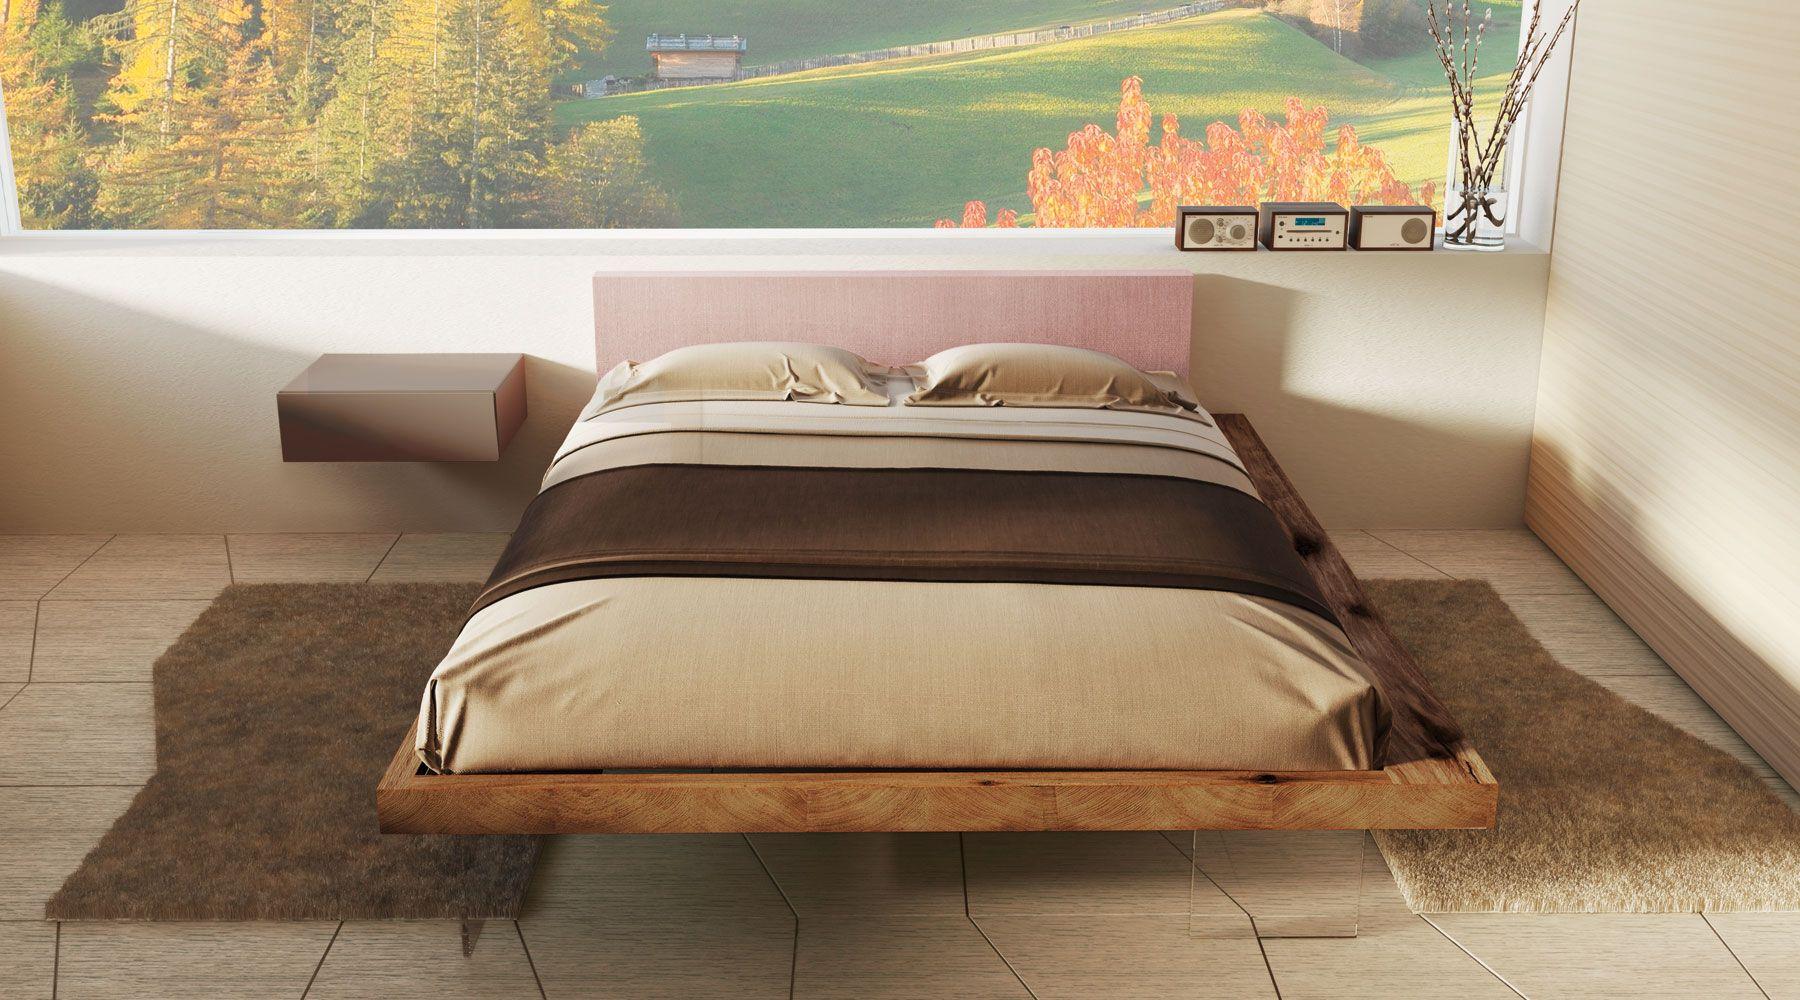 Camera Da Letto Lago complementi d'arredo design: cassettiere e contenitori | bed